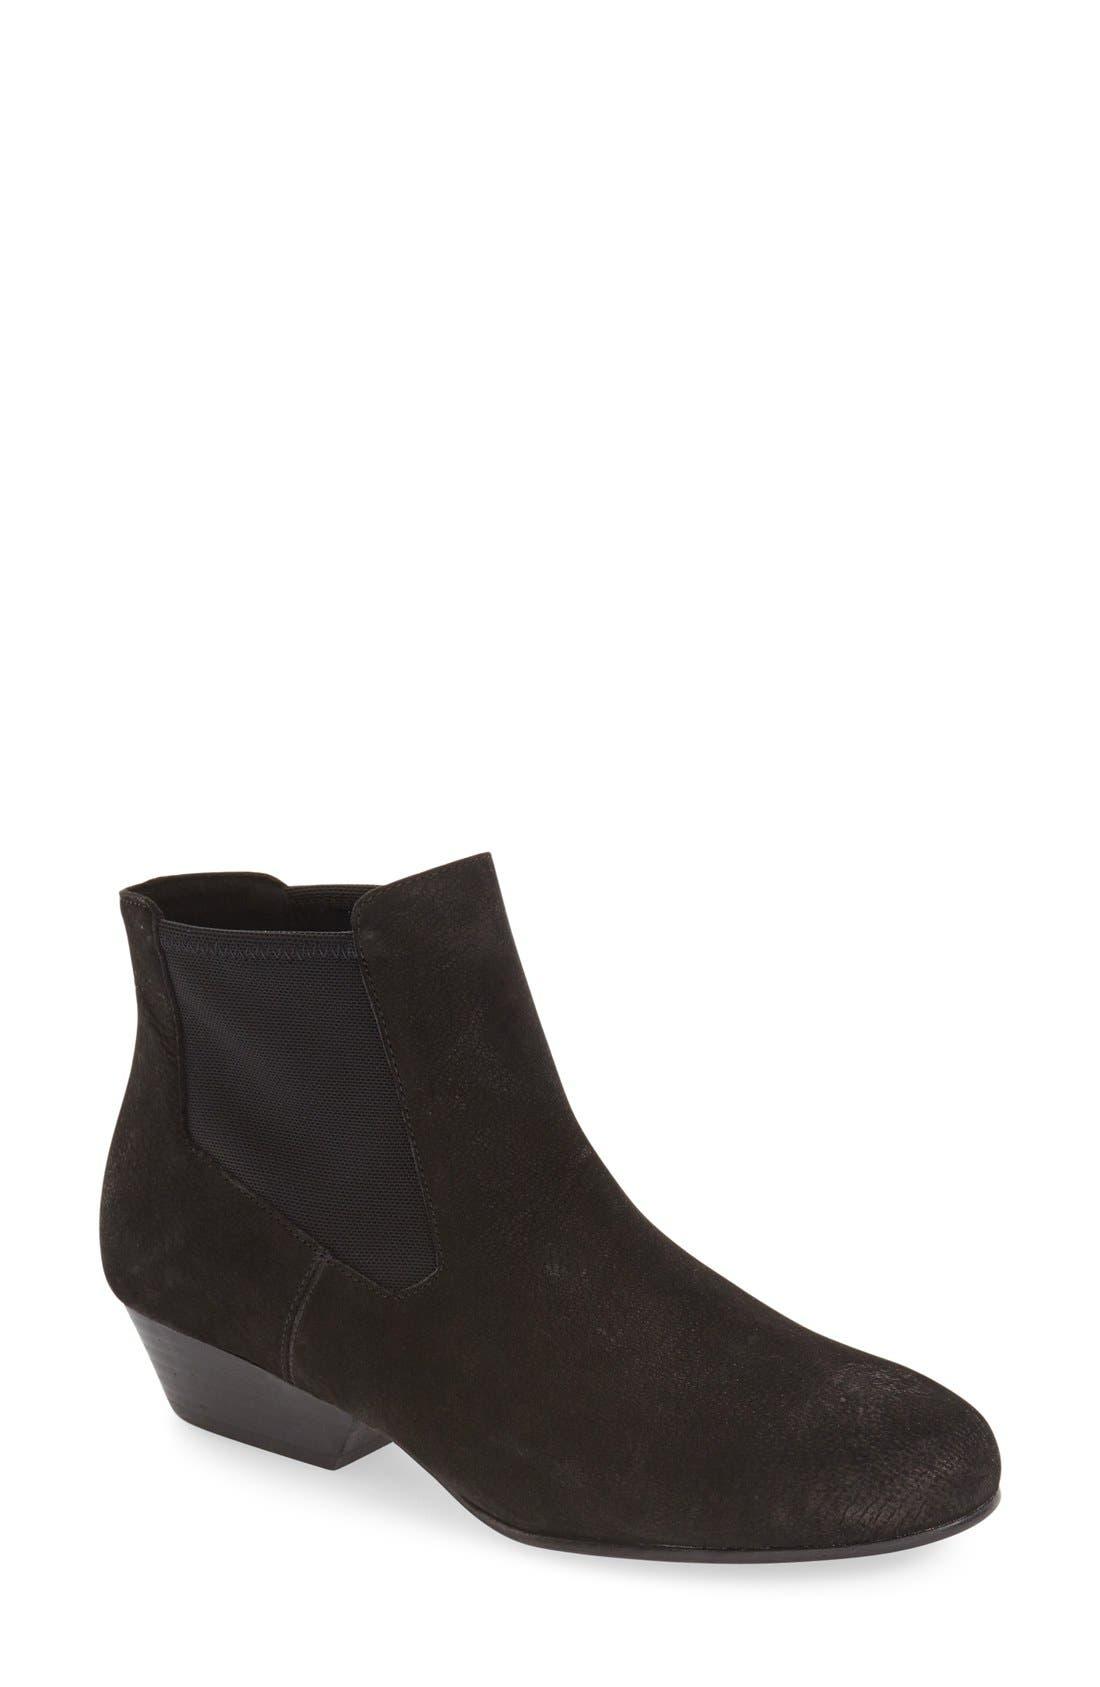 Alternate Image 1 Selected - Eileen Fisher 'Knack' Chelsea Boot (Women)